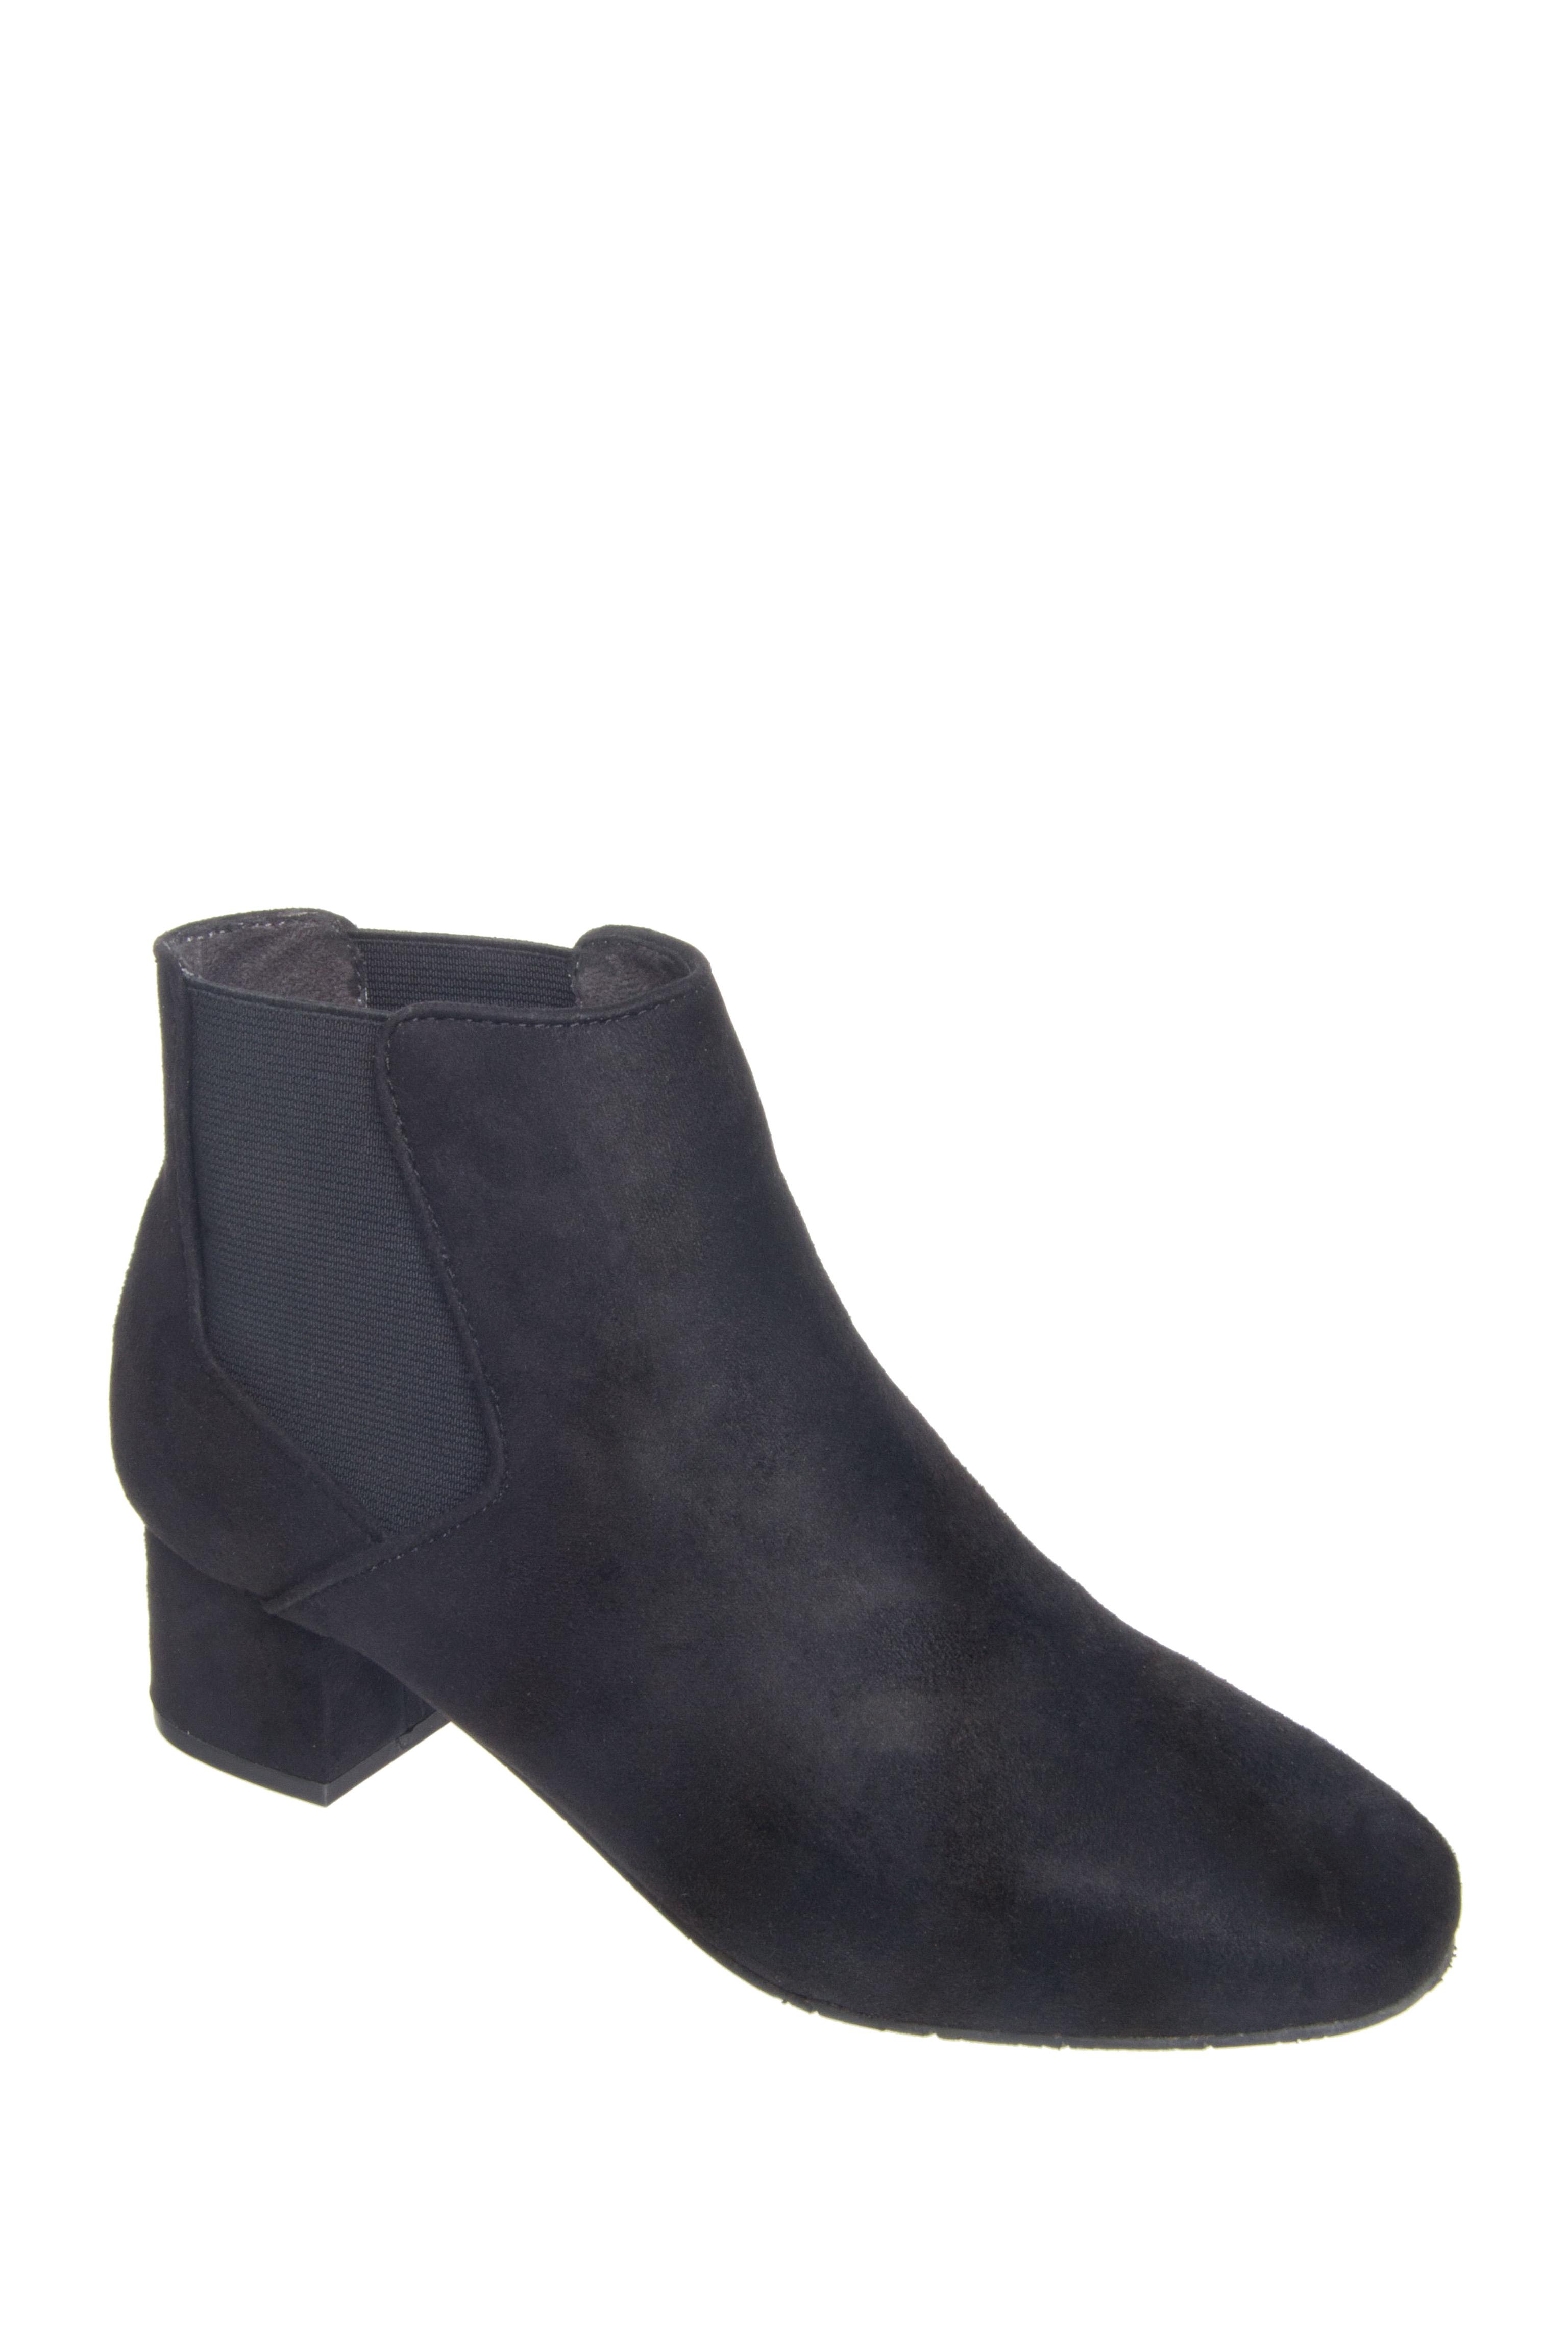 BC Footwear Bundle Low Heel Booties - Black